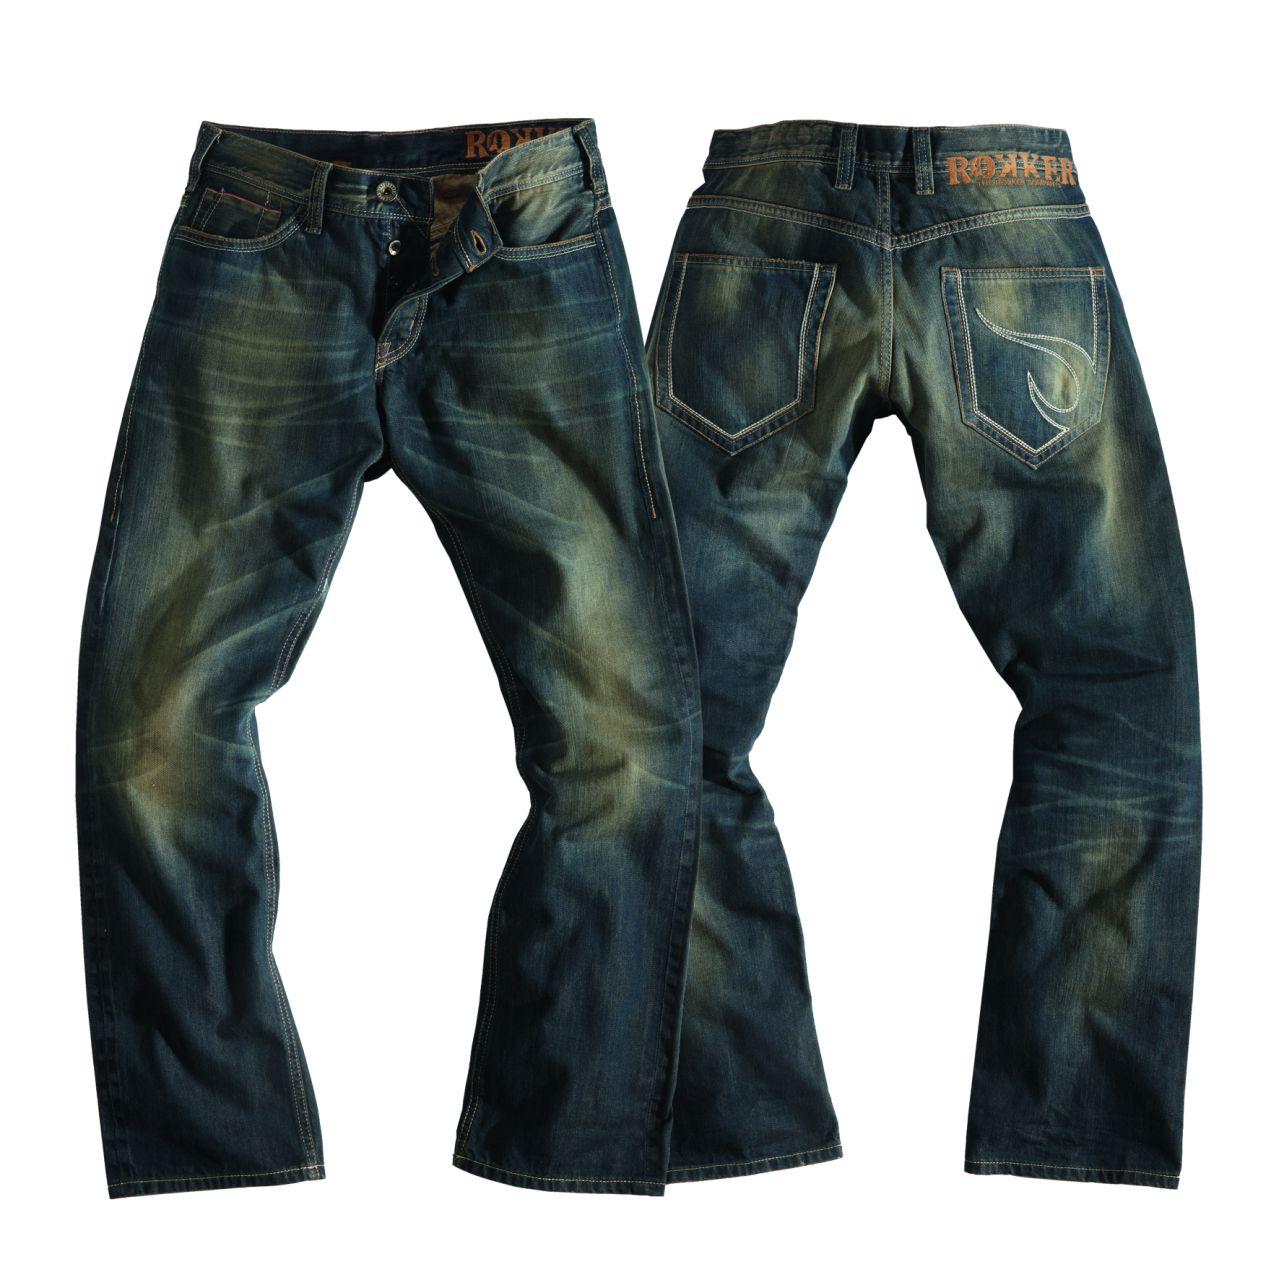 rokker jeans red selvage slim fit im thunderbike shop. Black Bedroom Furniture Sets. Home Design Ideas